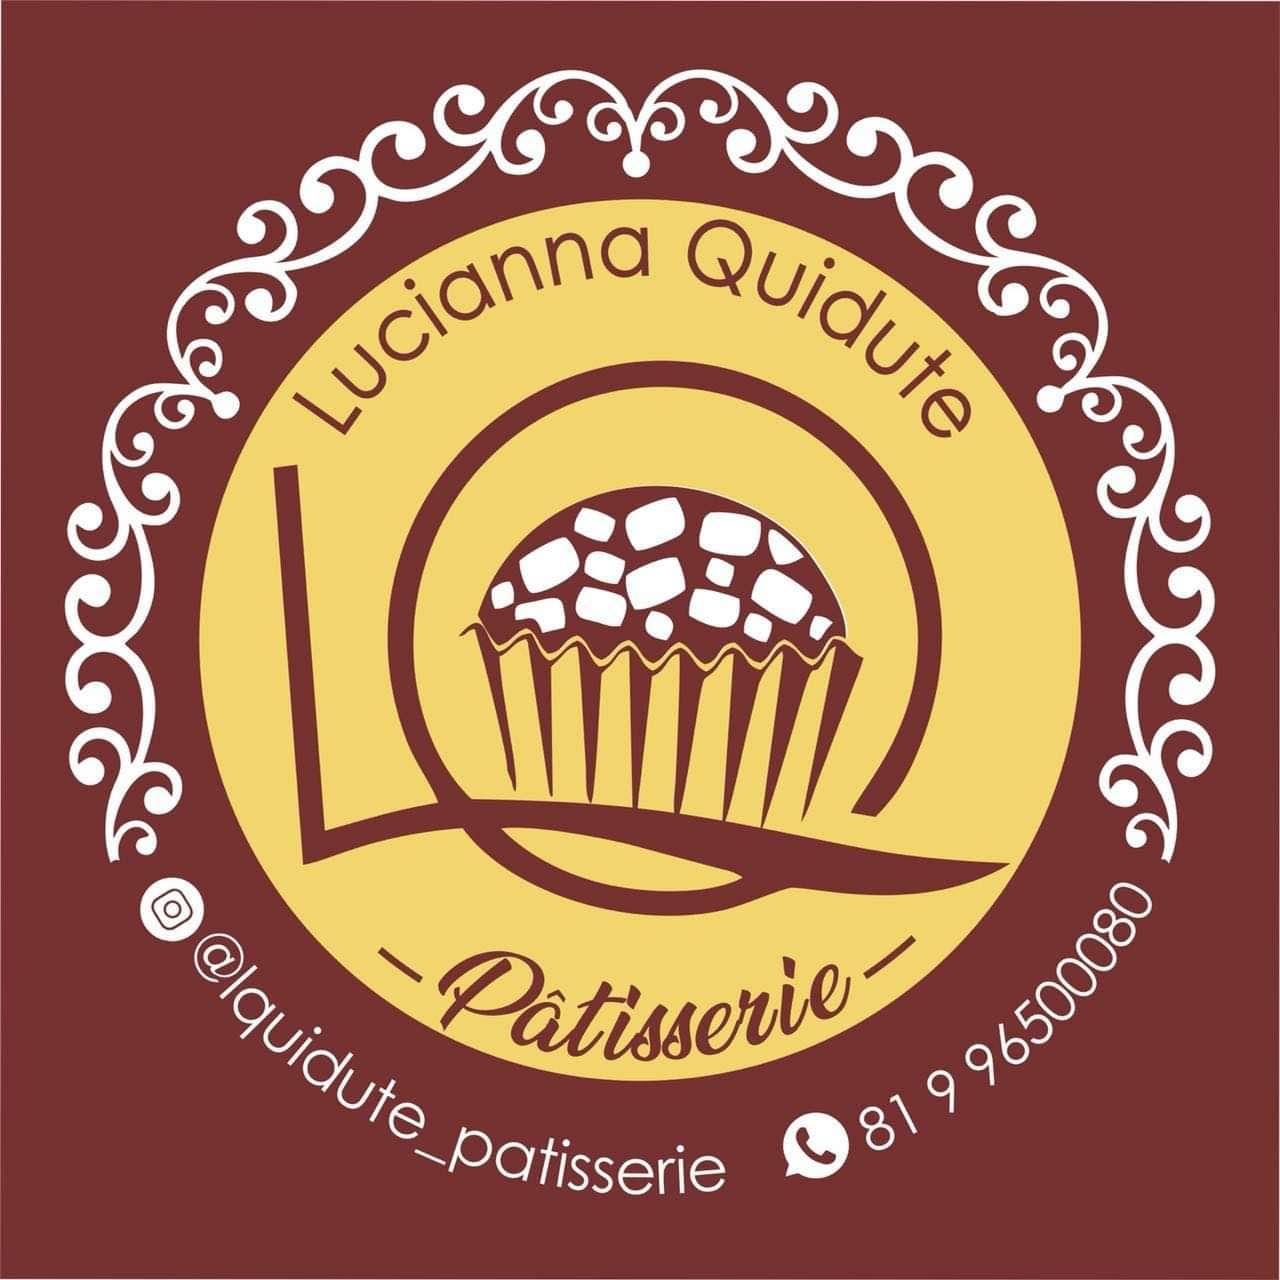 Lucianna Quidute Patisserie